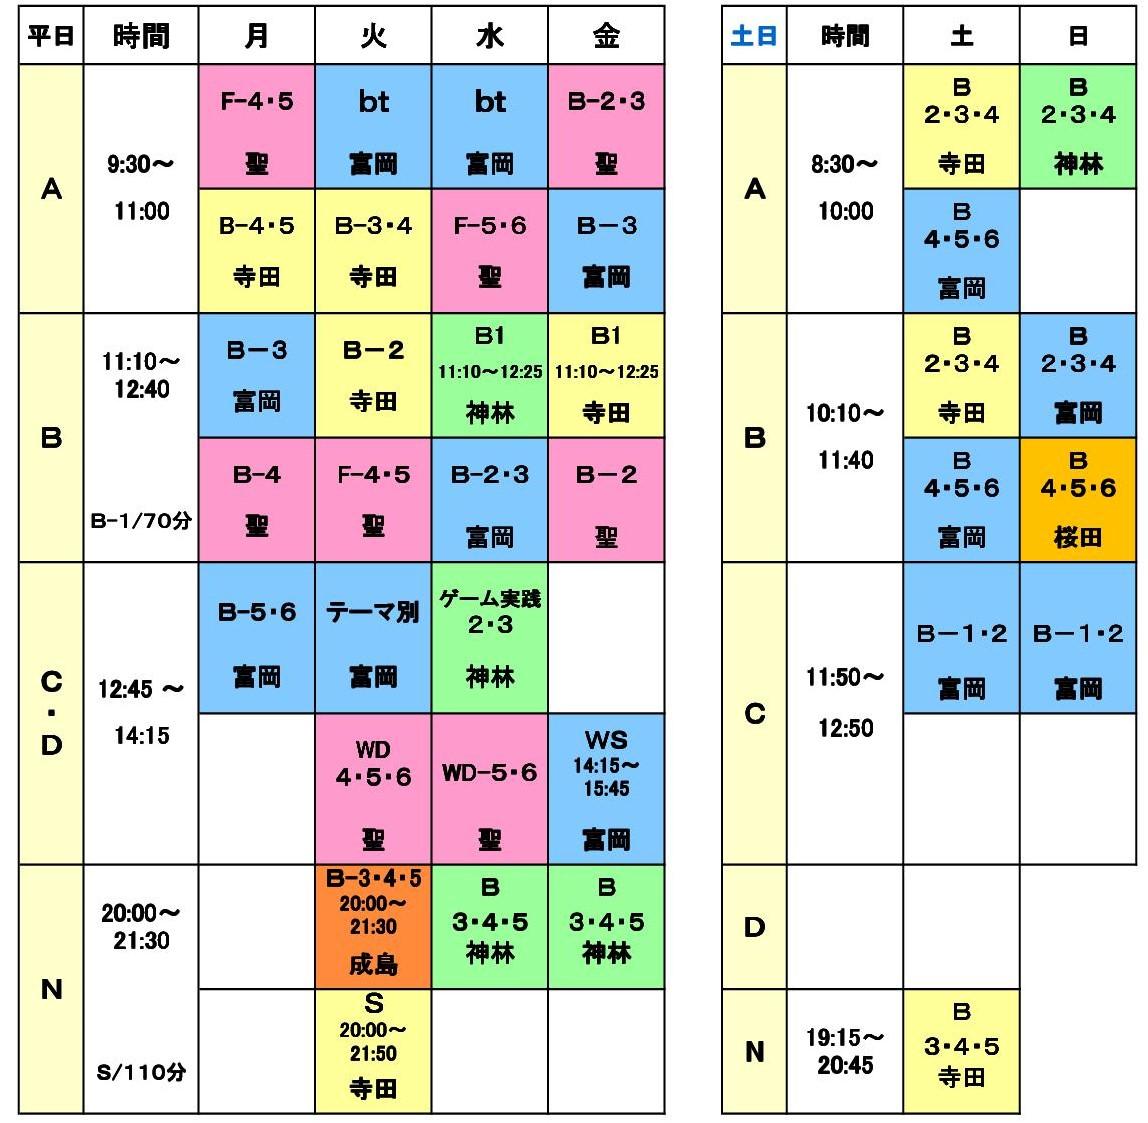 202104一般スクール時間割